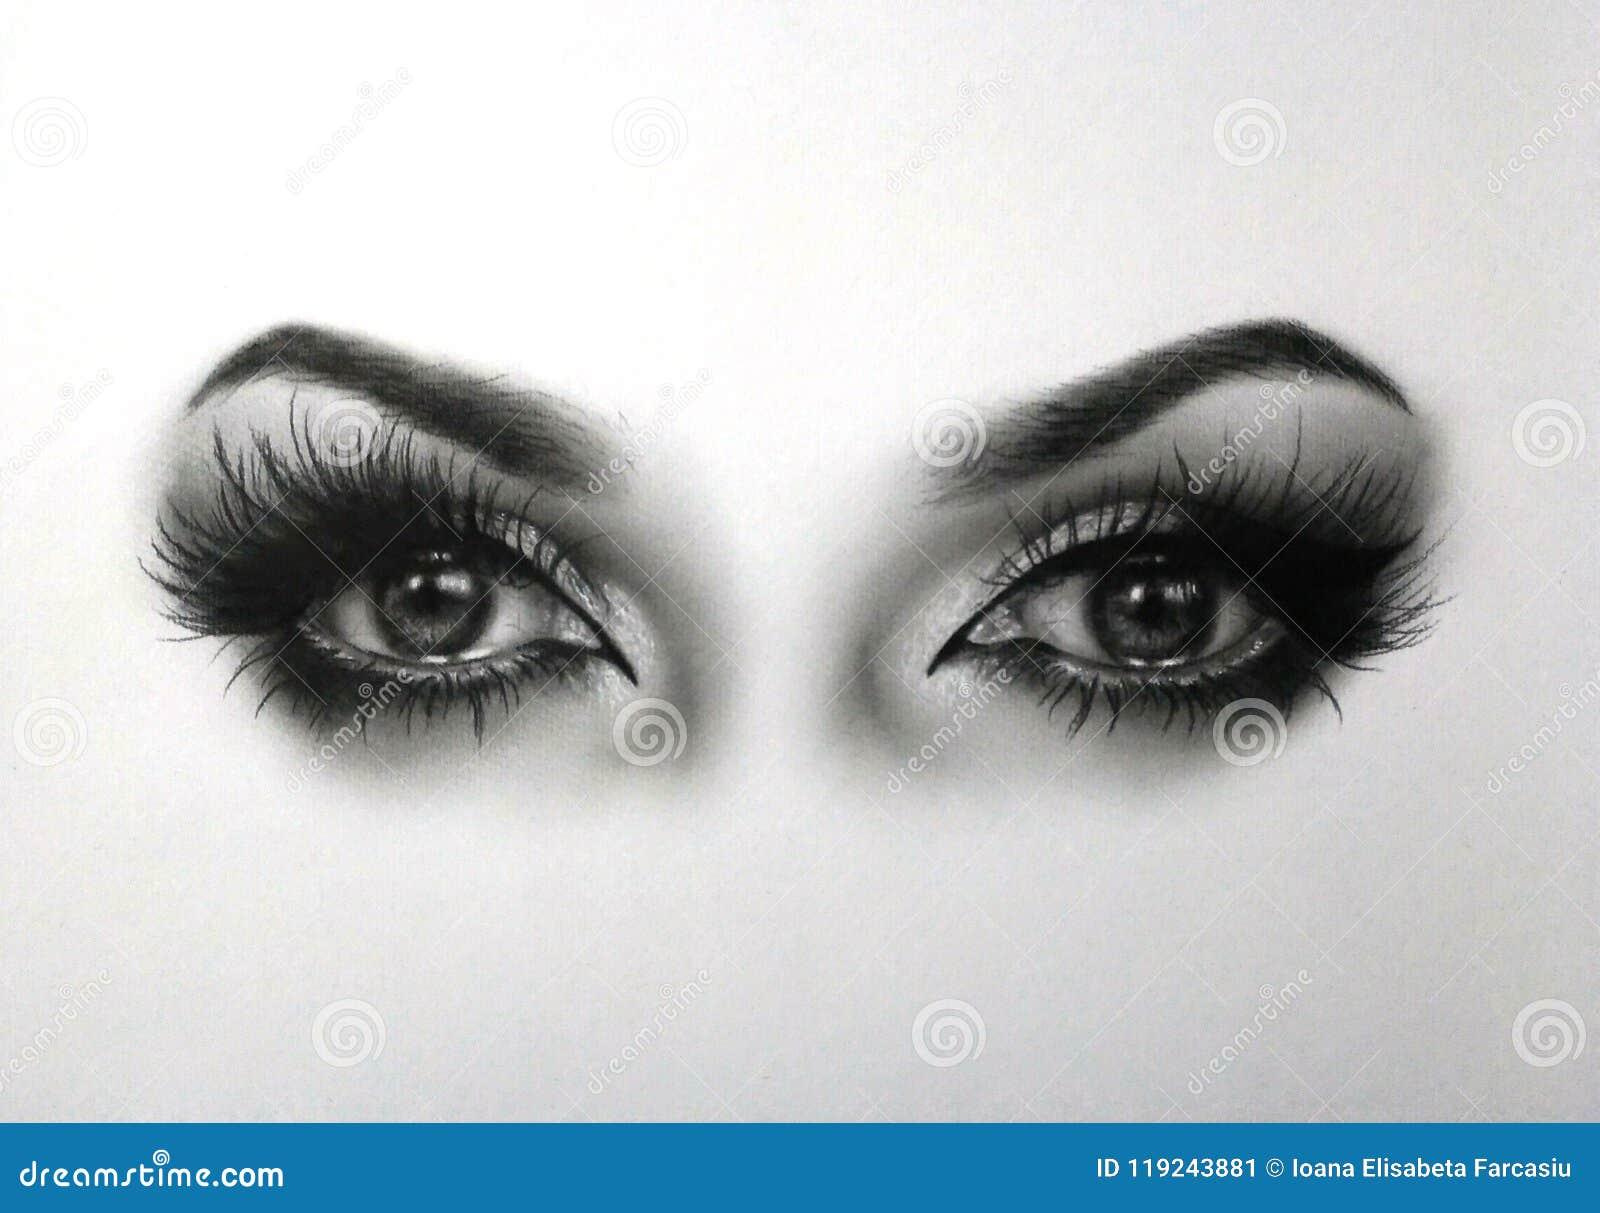 Oczu rysować